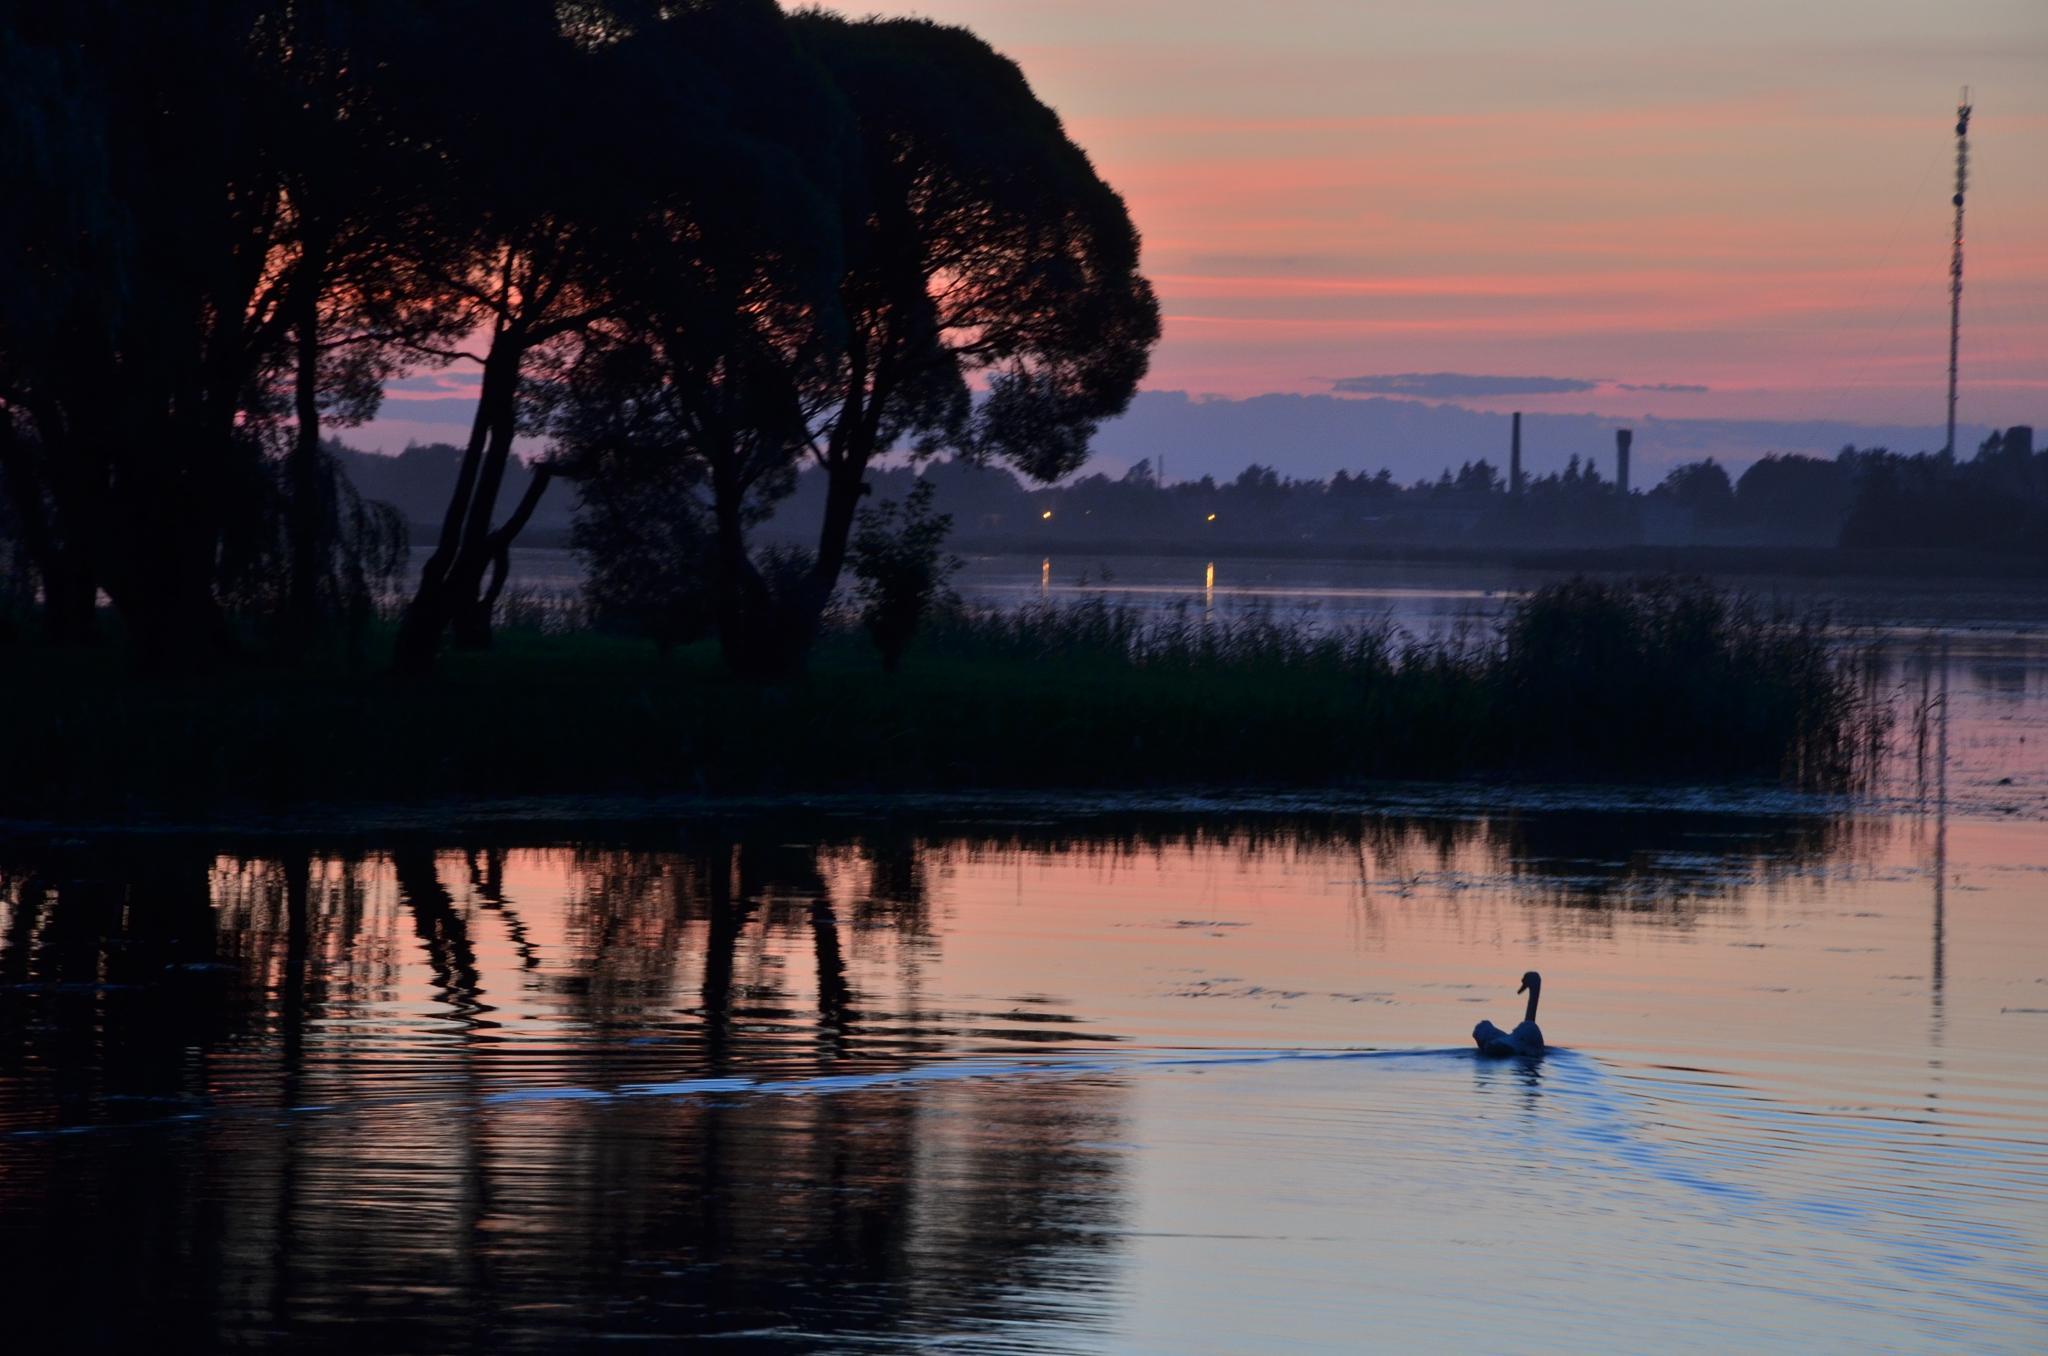 Evening lake 2 by Zenonas Meškauskas